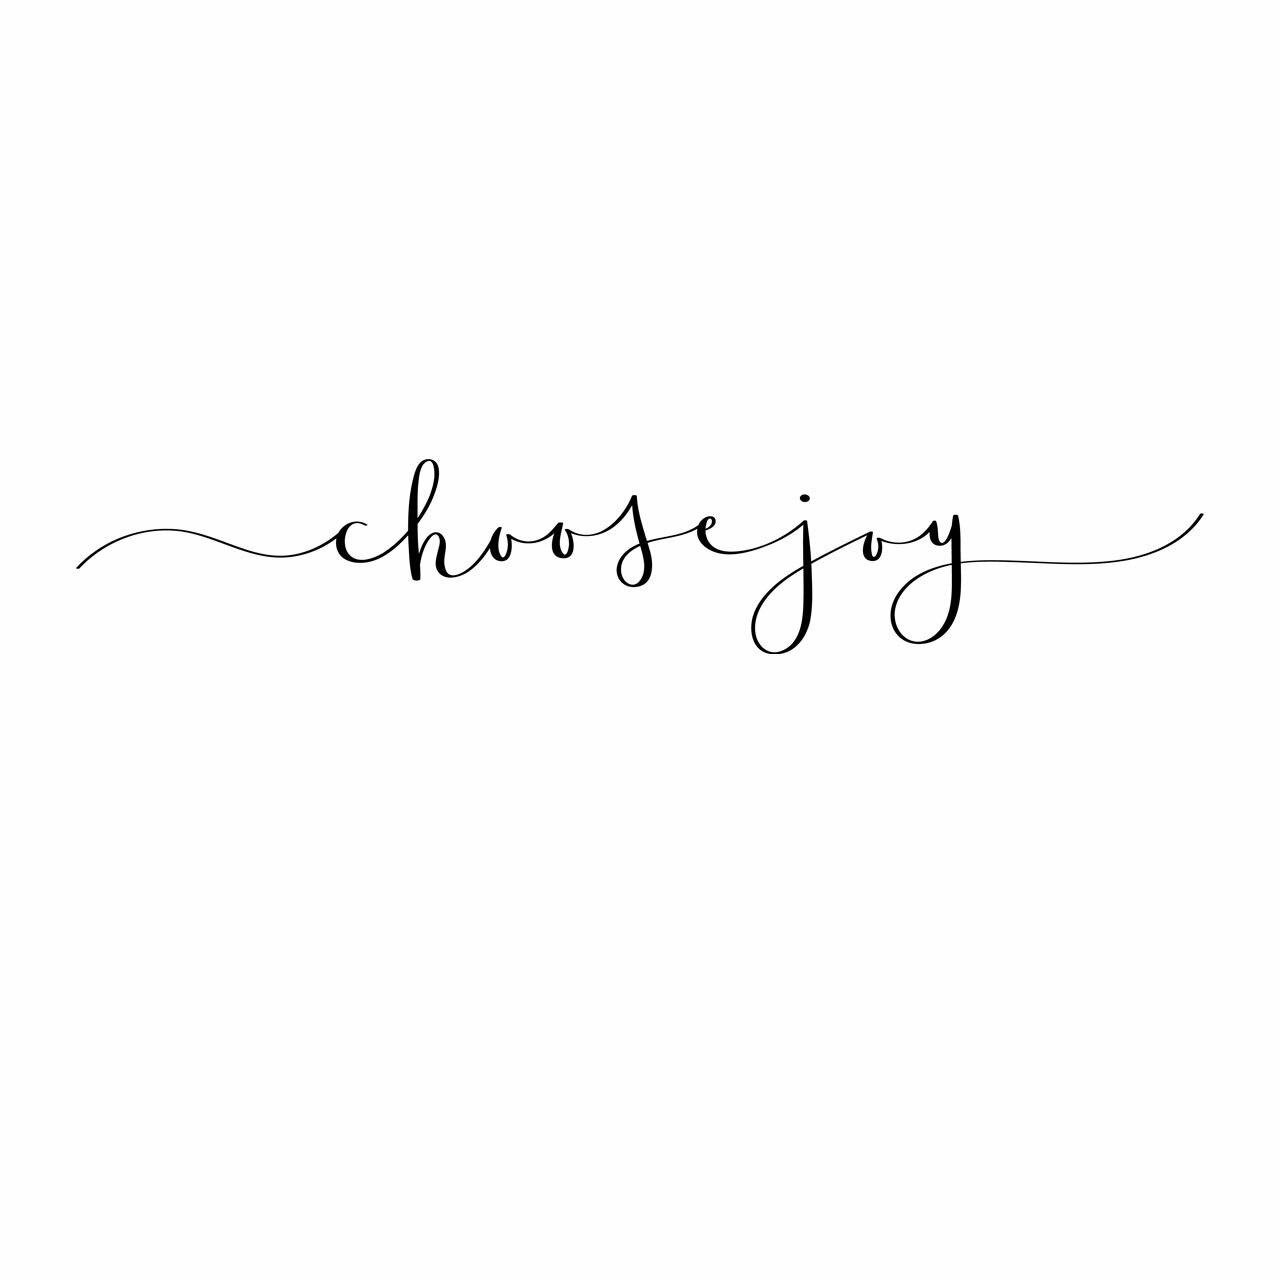 """""""choose joy"""" written in a flowing script font in black on a white background"""